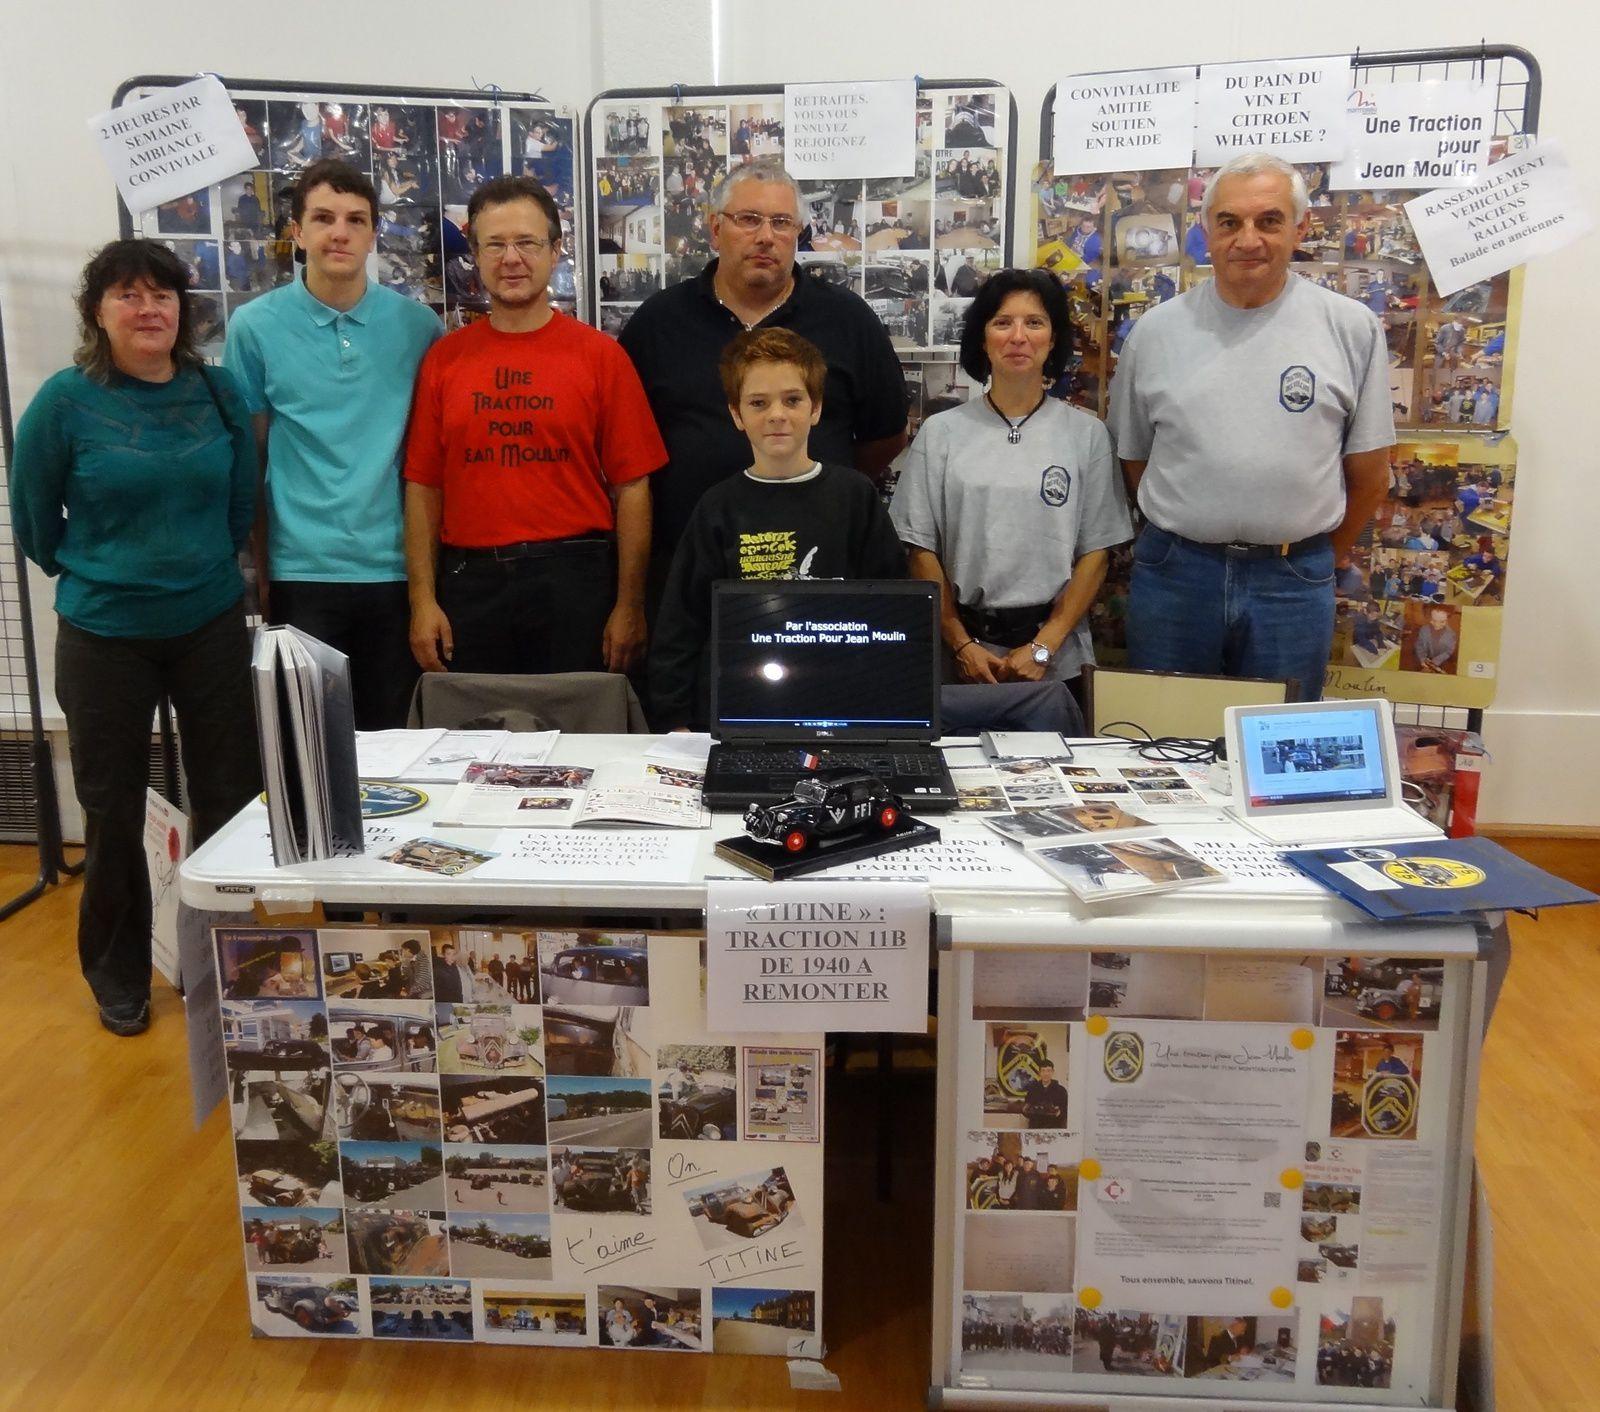 Les jeunes Simon, Jordan, Esteban, Juan et Paul ont représenté l'association tout au long de la journée.